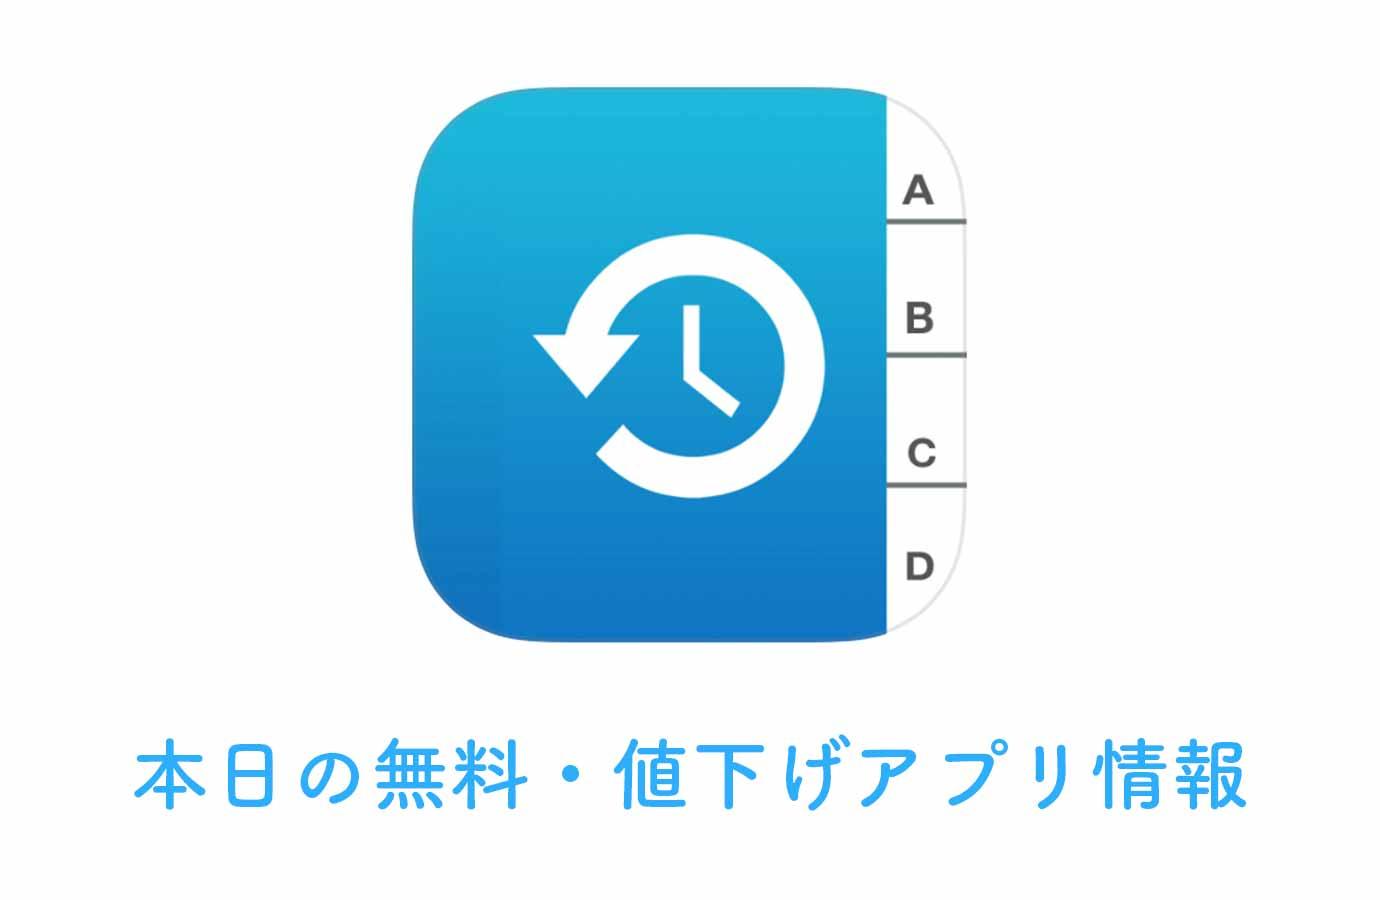 360円→無料、連絡先を簡単にバックアップできる「Easy Backup Pro」など【4/27】本日の無料・値下げアプリ情報